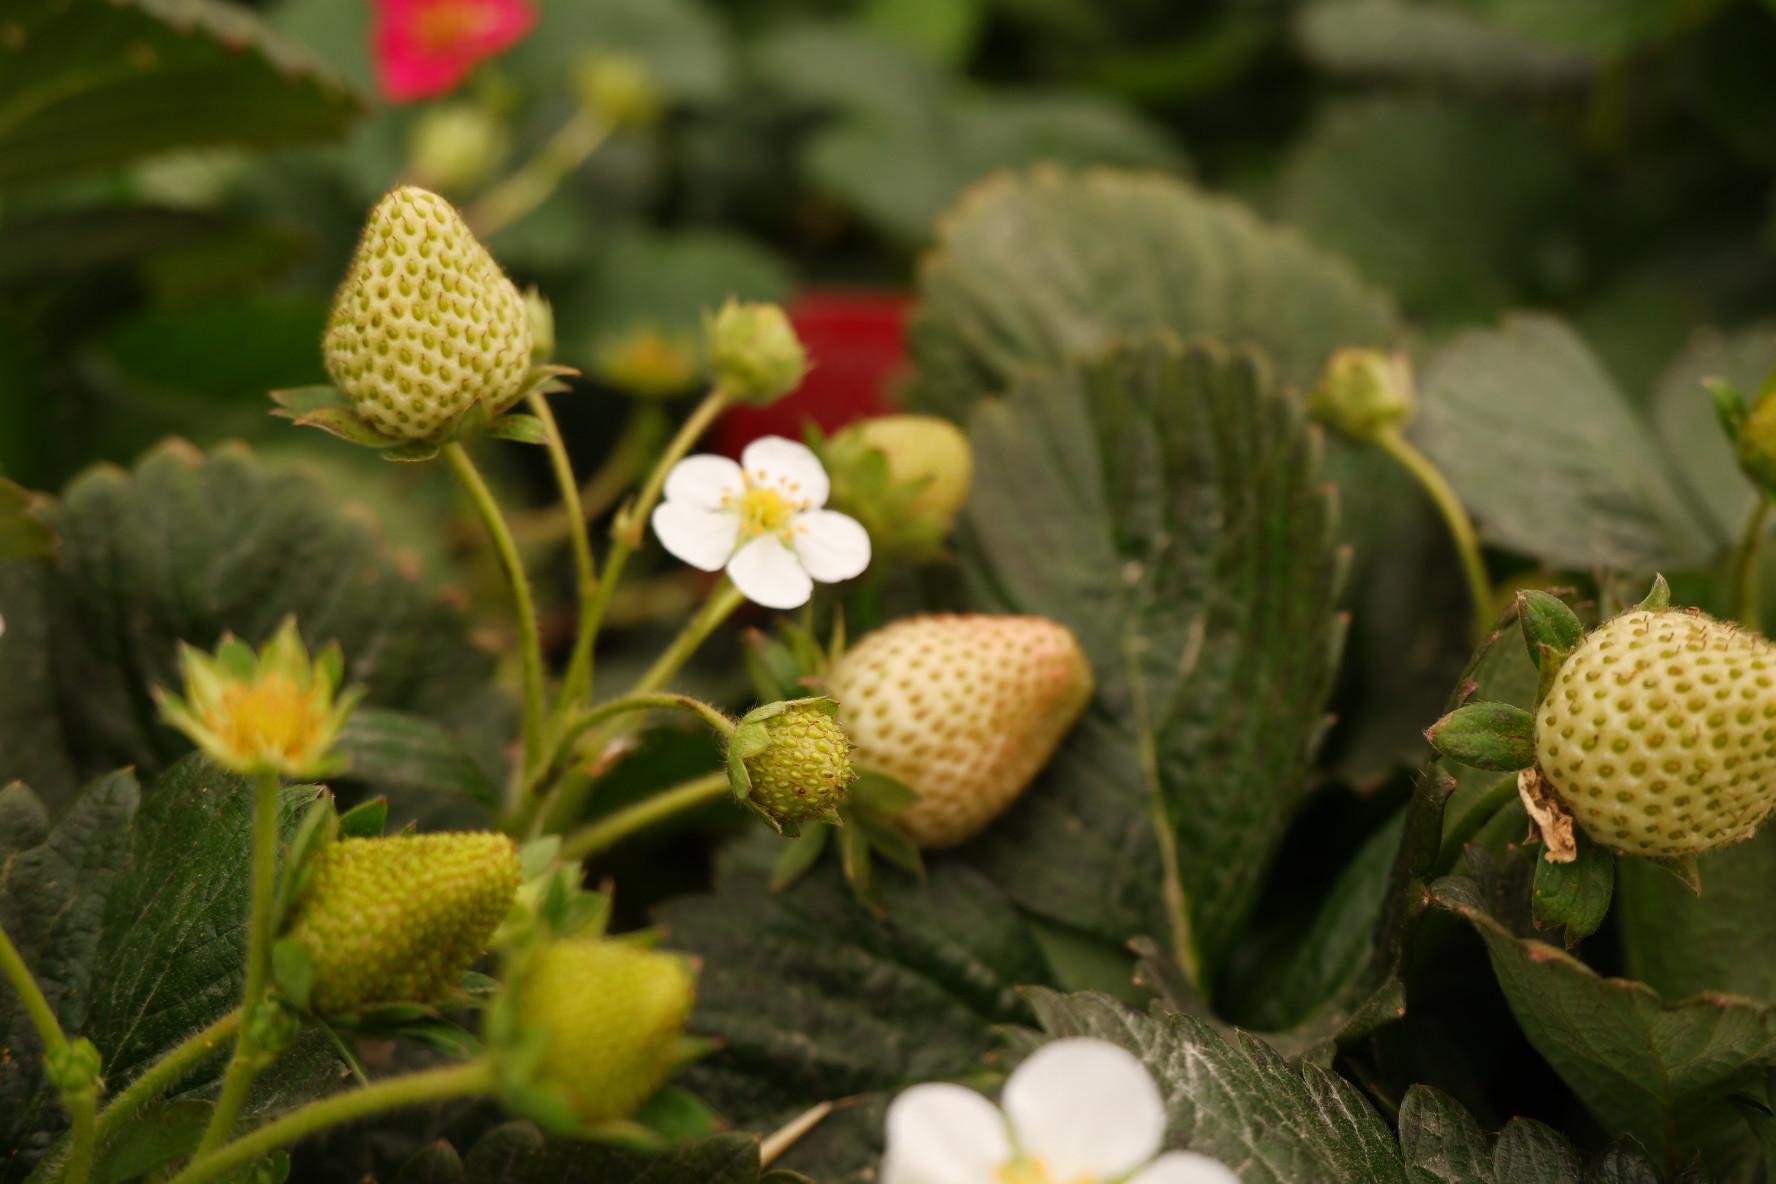 Pon unas fresas en tu huerto urbano.